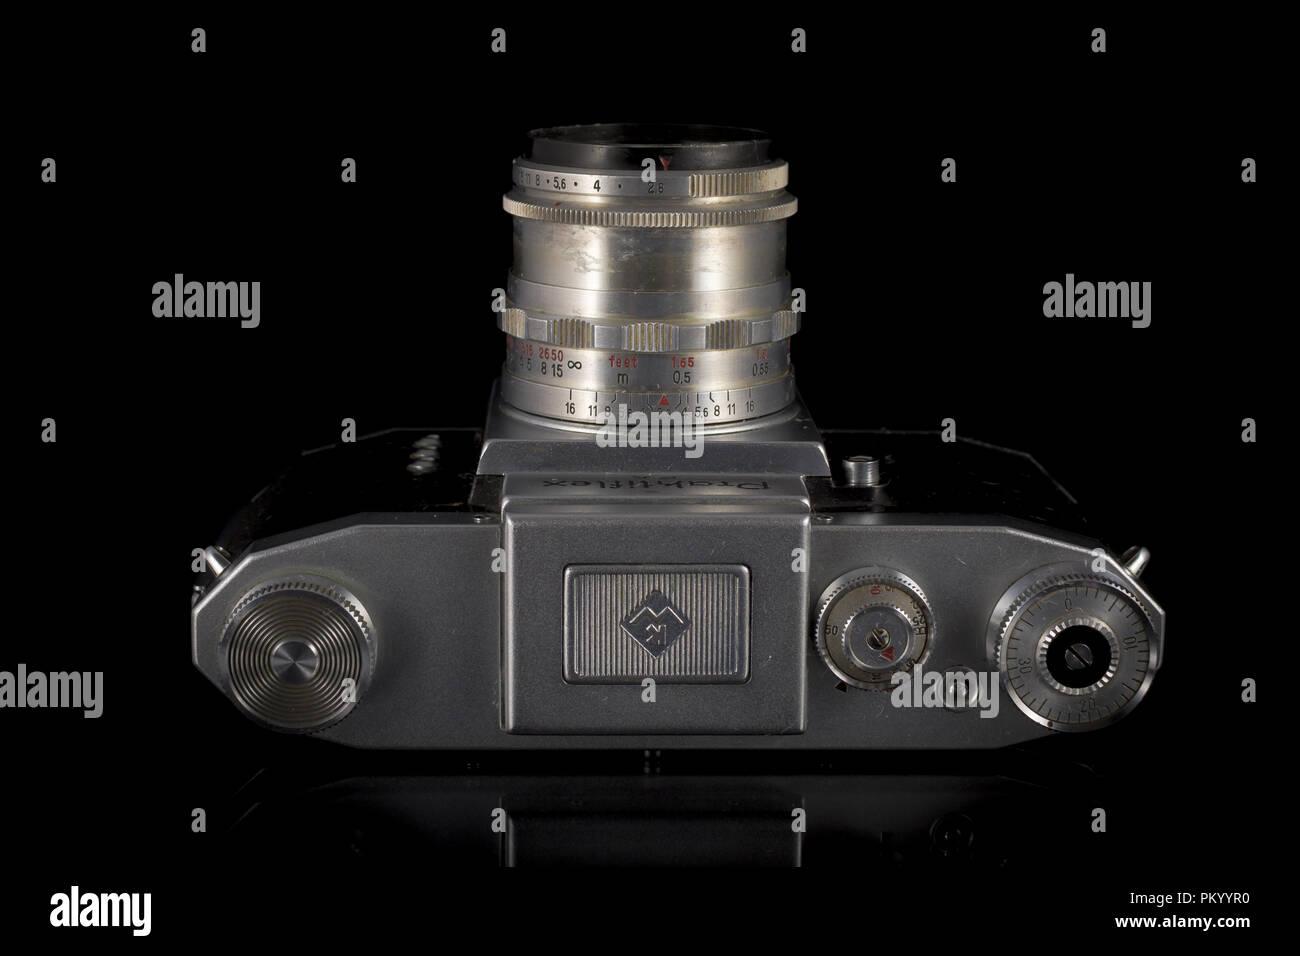 Der Praktiflex ist ein 35 mm SLR Kamera, durch Kamera-Werkstätten VEB Niedersedlitz bis, Dresden, Ddr hergestellt und produziert zwischen 39-40 Stockbild